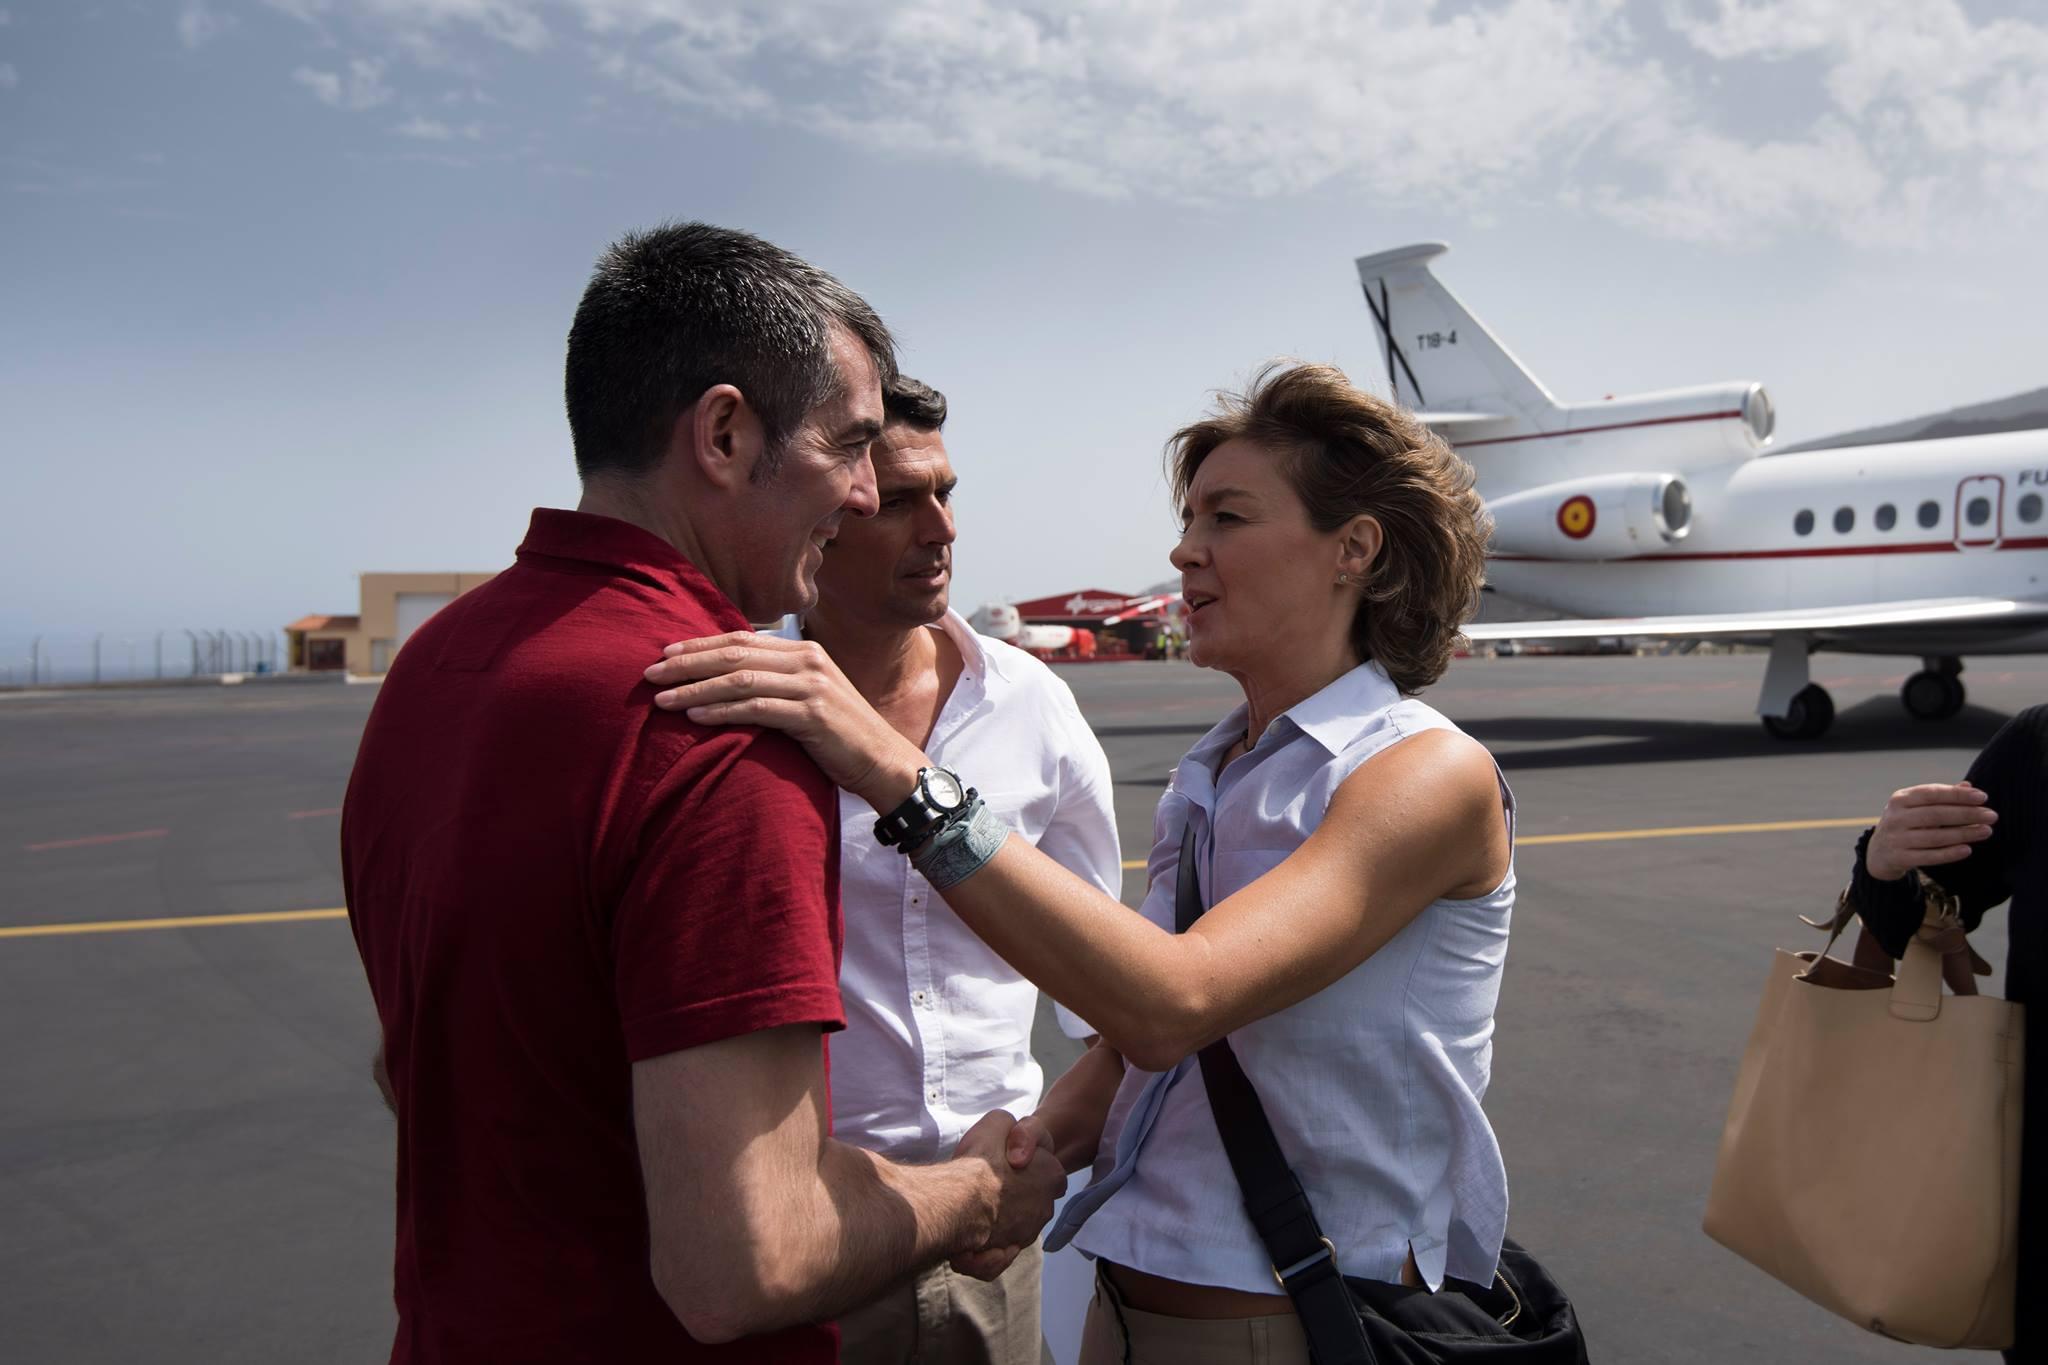 La ministra a su llegada, junto a Fernando Clavijo y el Delegado del Gobierno en Canarias, Enrique Hernández Bento.